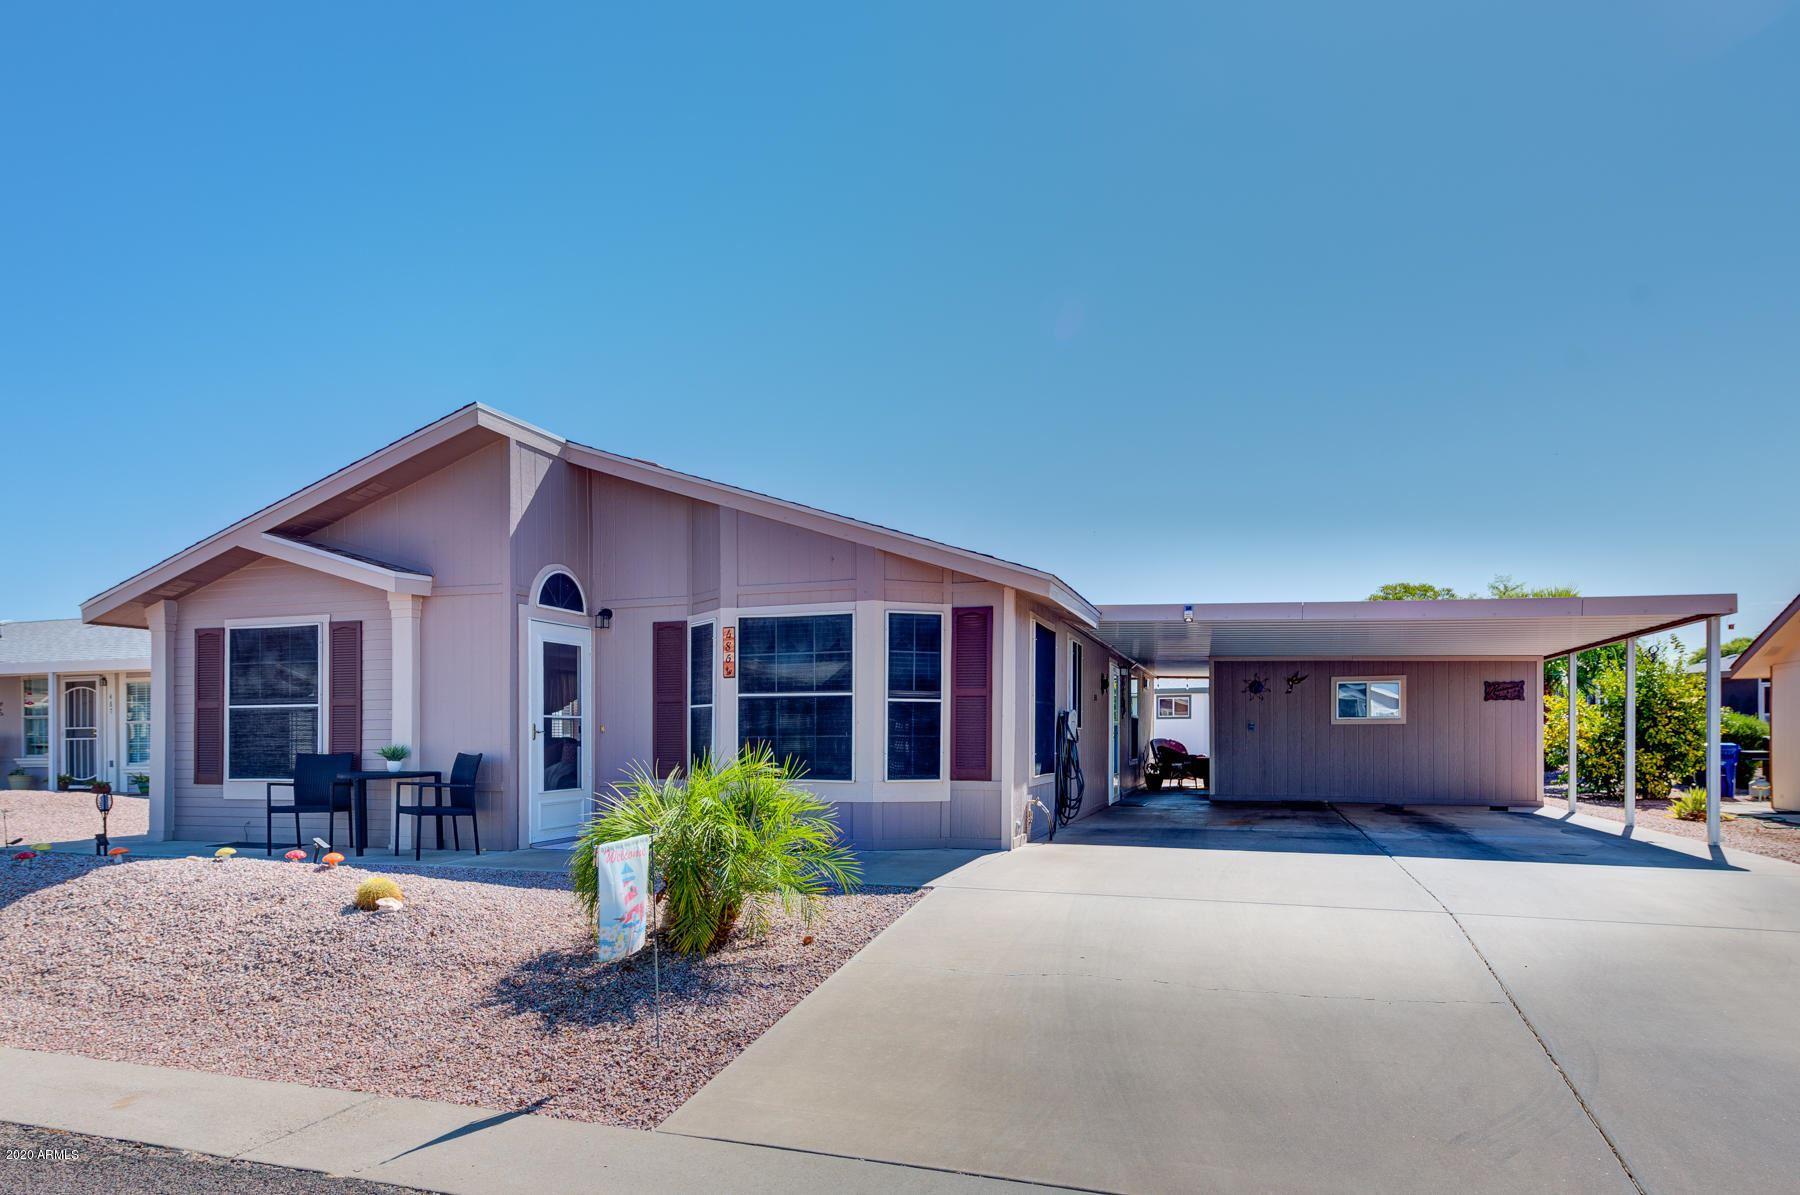 8500 E SOUTHERN Avenue #486, Mesa, AZ 85209 - MLS#: 6116663